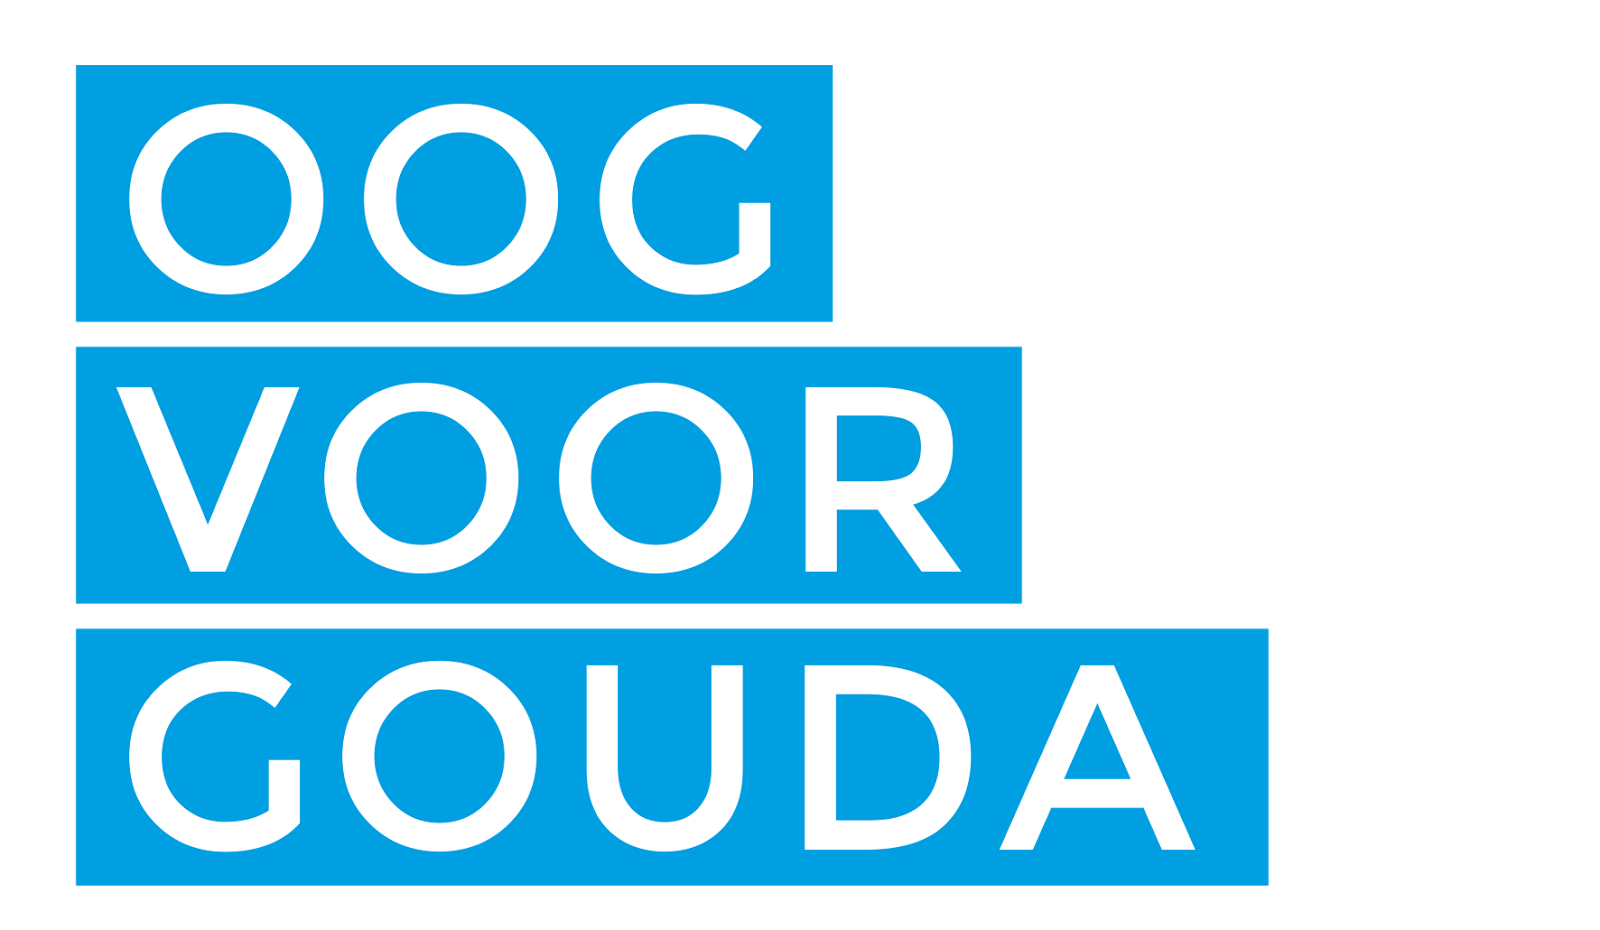 Oog voor Gouda 2018-2022